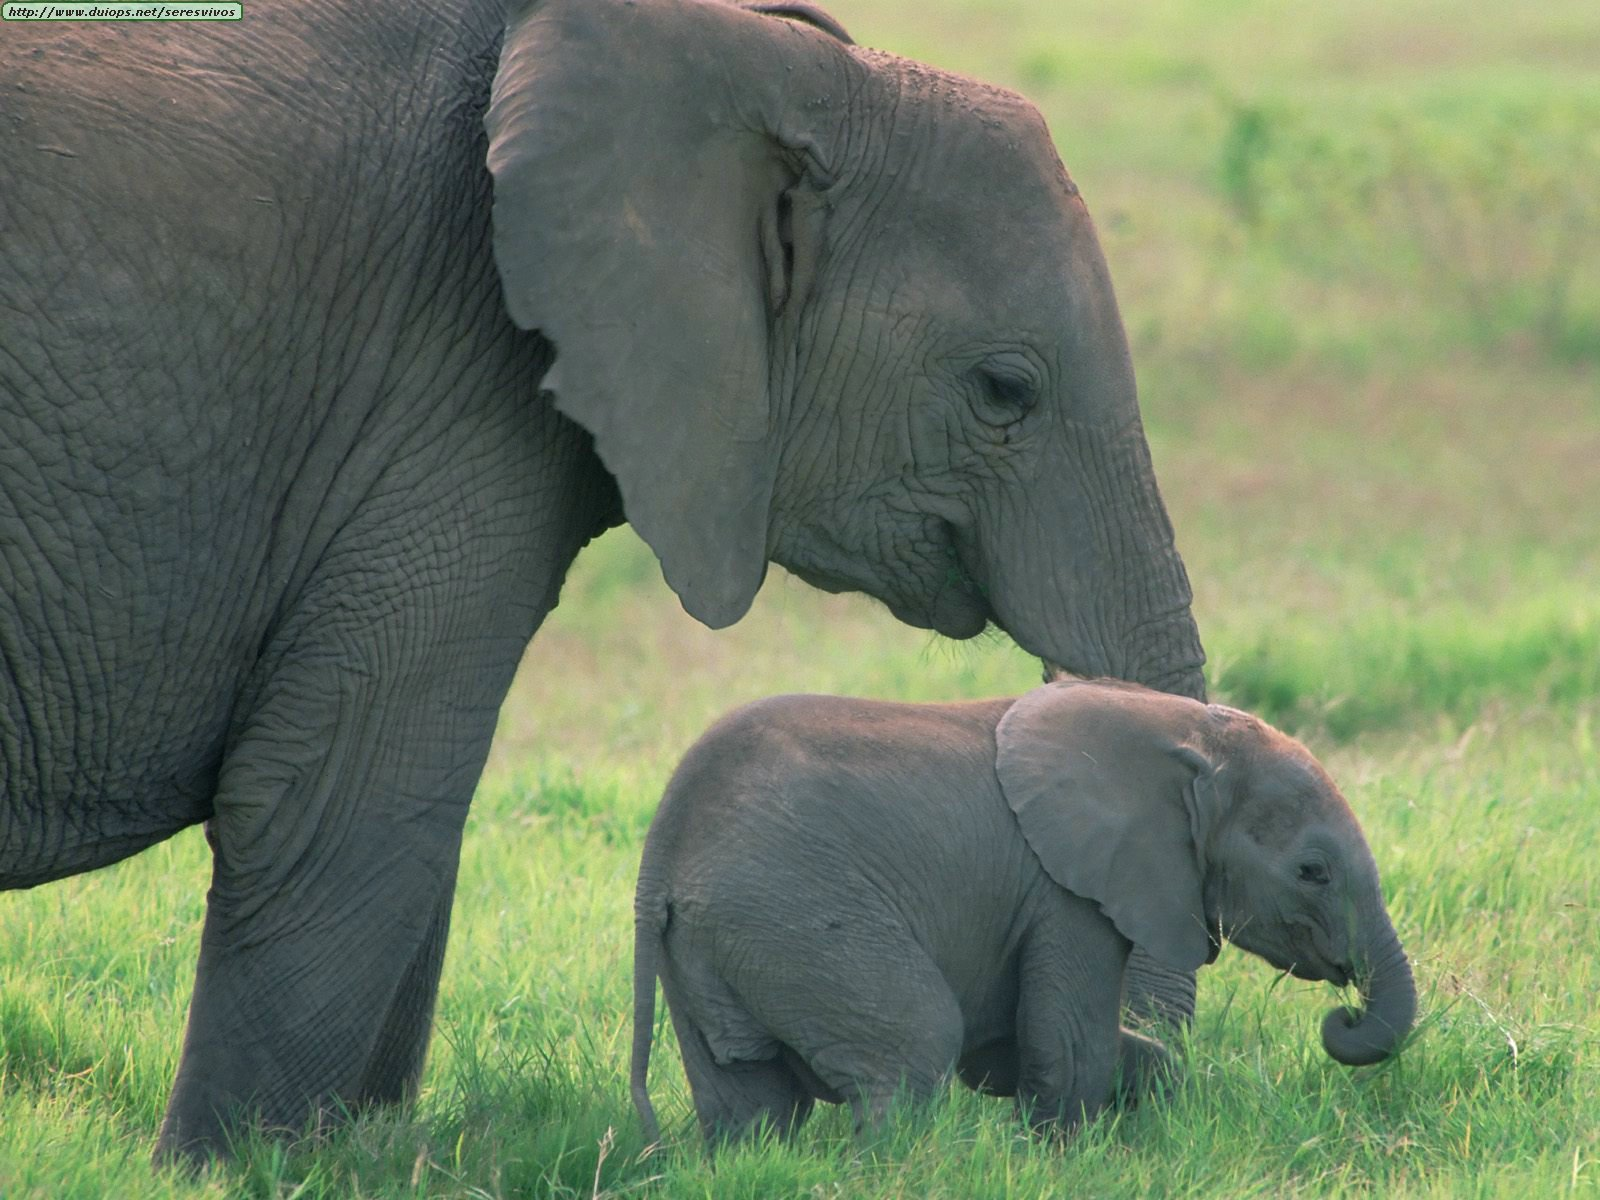 Θέλω μια φωτογραφία... - Σελίδα 11 African%20Elephants,%20Amboseli%20National%20Park,%20Kenya